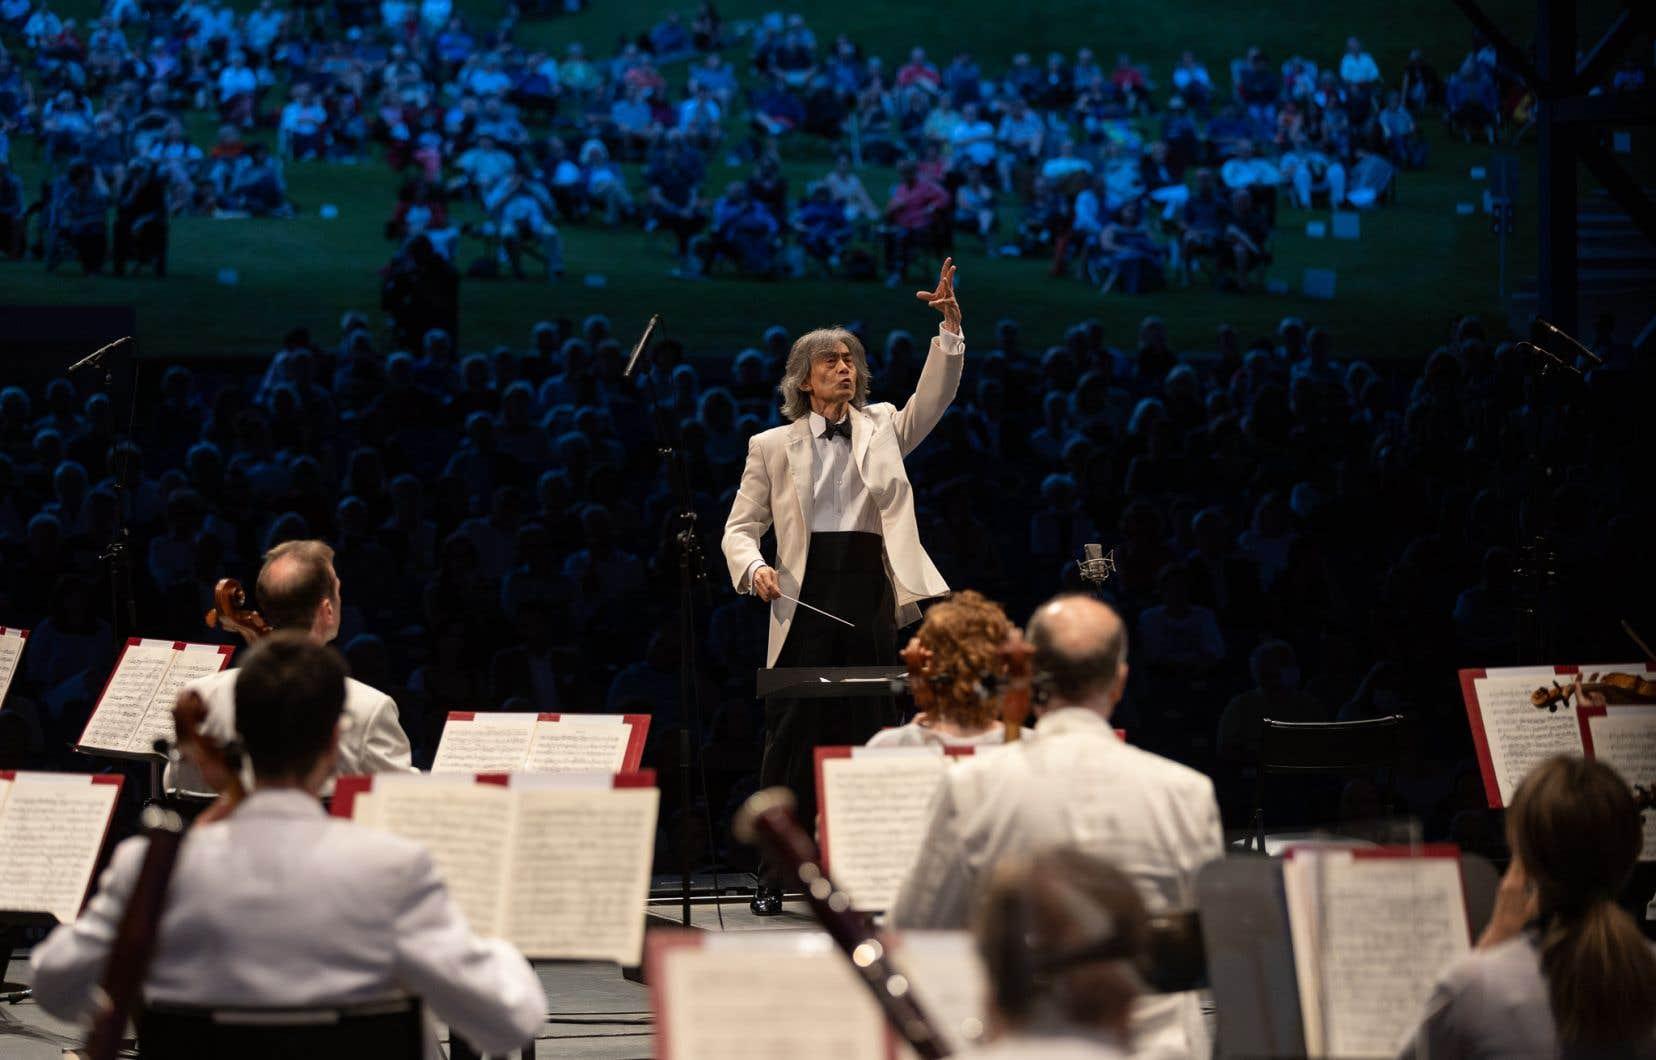 Le public, très heureux de retrouver Kent Nagano, lui a réservé une ovation debout à son entrée.